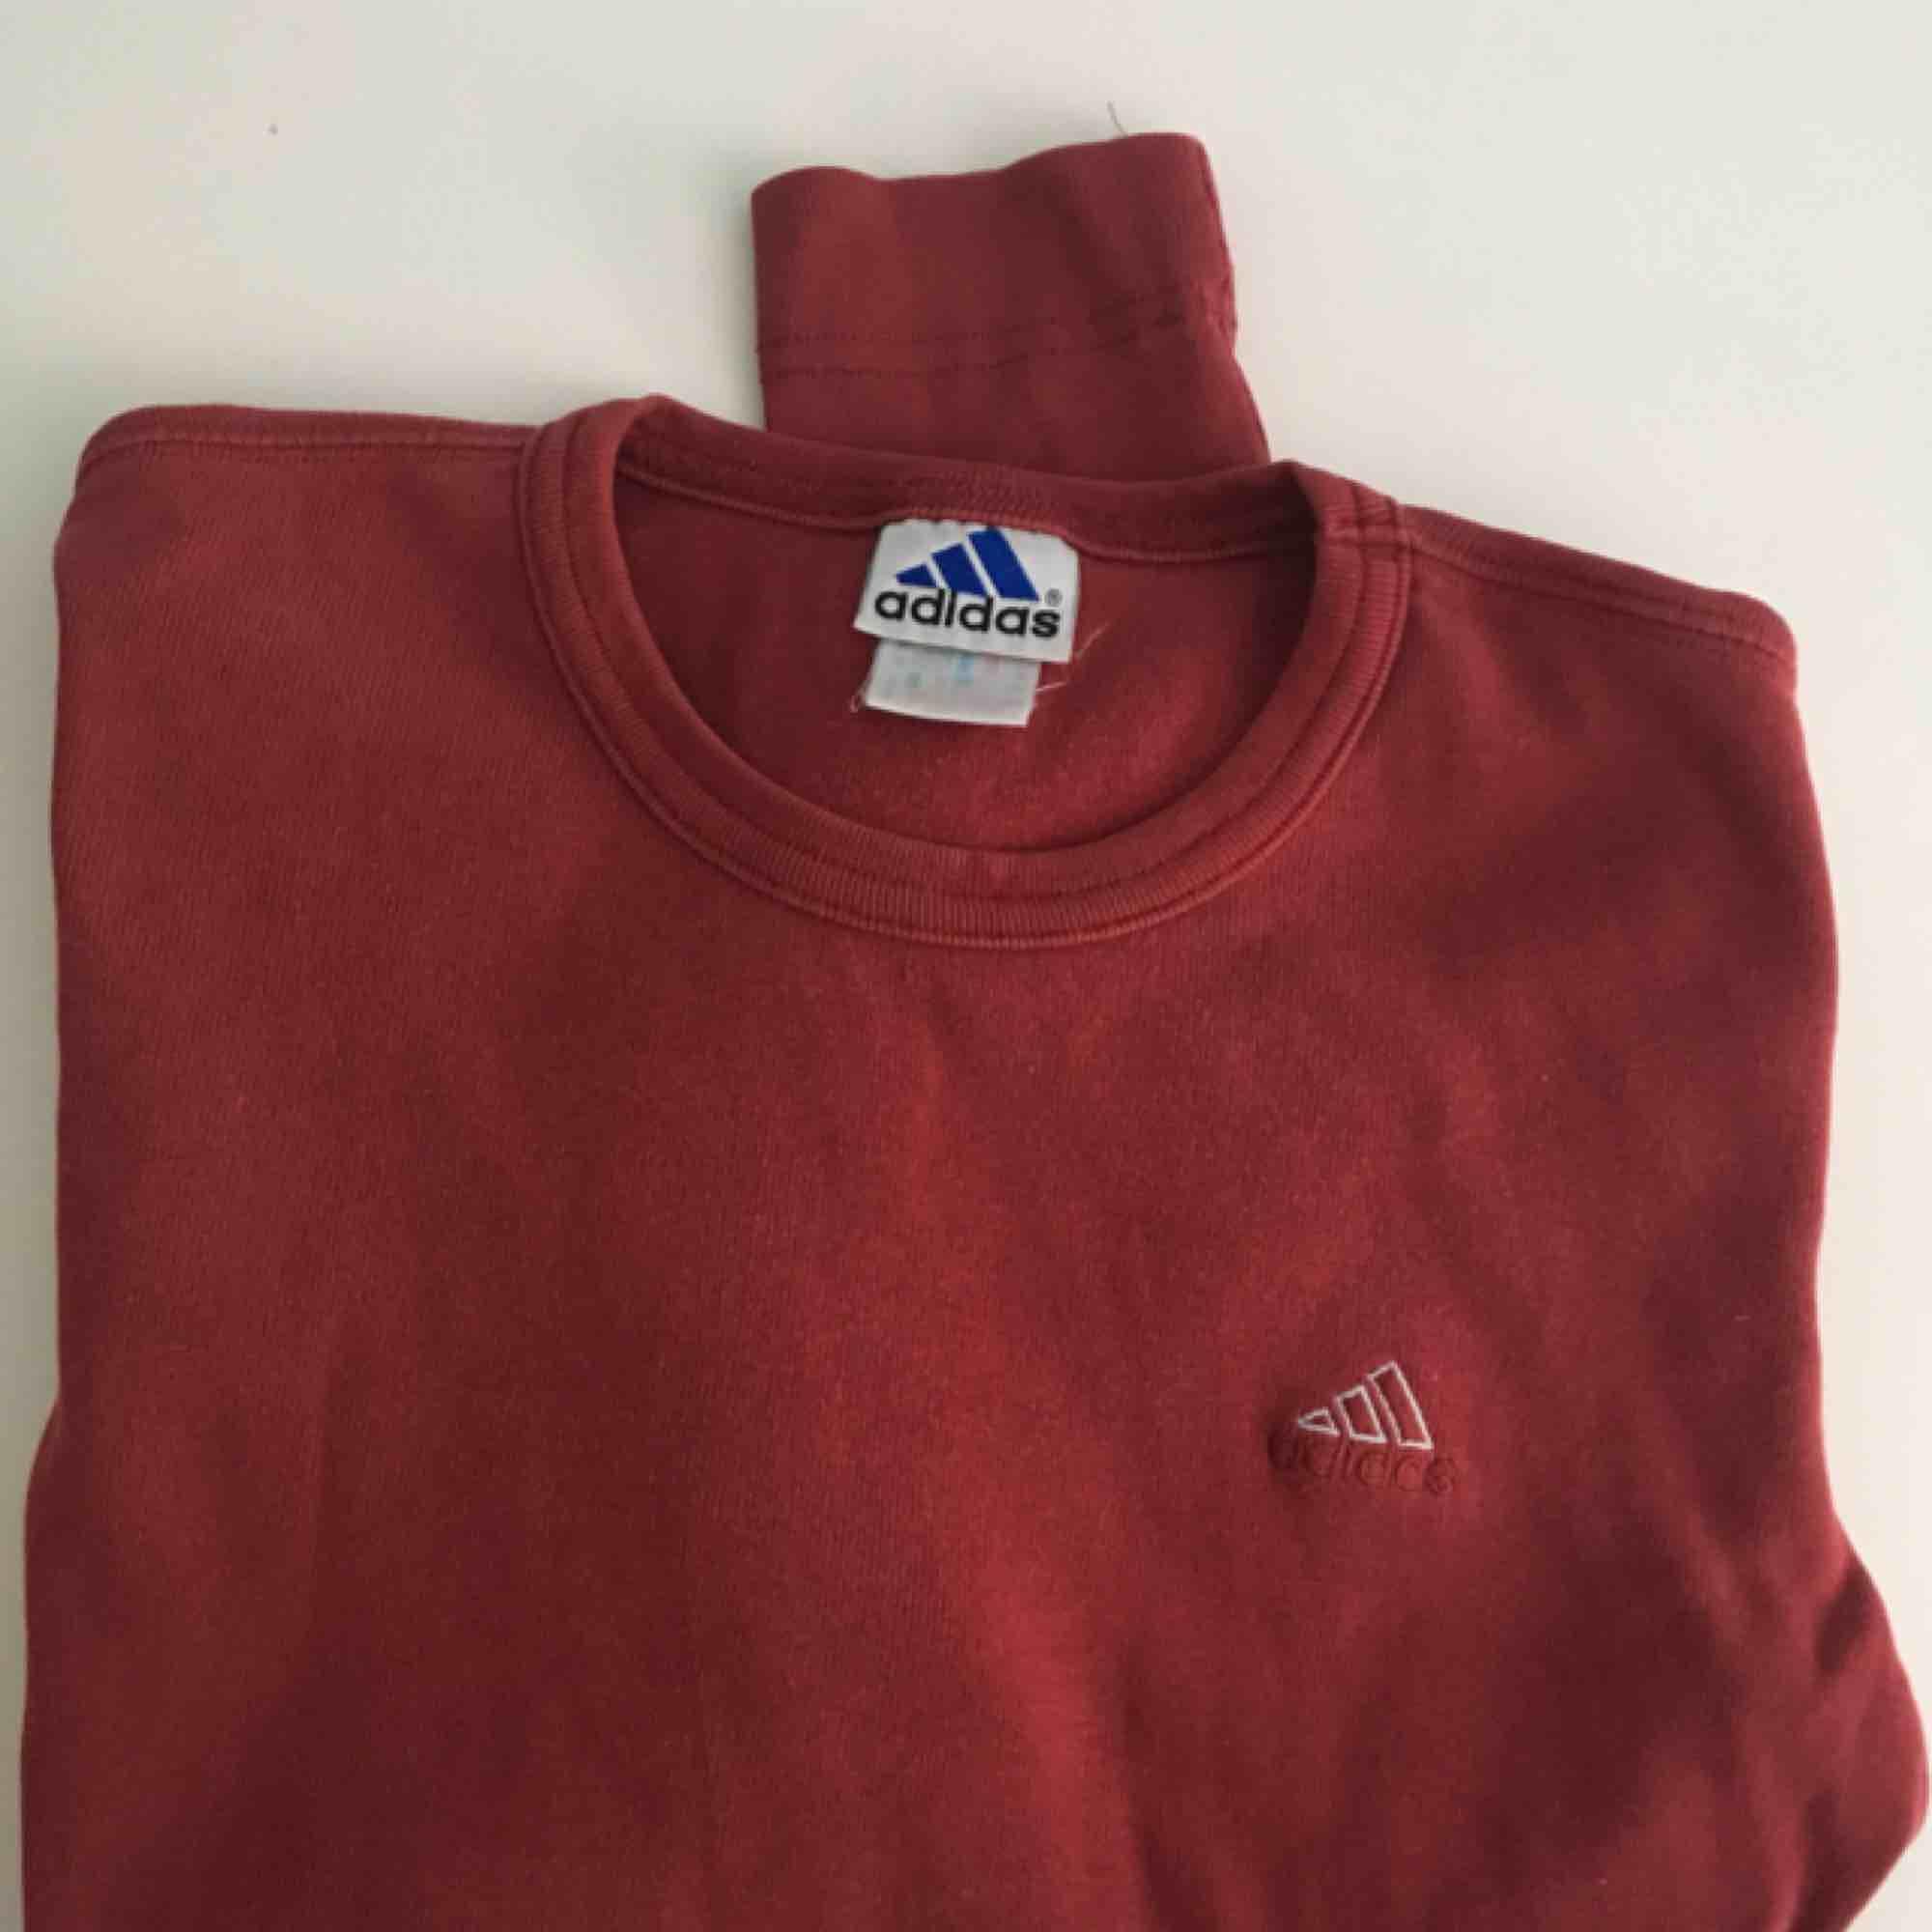 ❤️Enkel röd adidas tröja, långarmad och passar till typ allt. Tjockare i tyget för en långärmad så den känns äldre men kvalité ❤️. Skjortor.